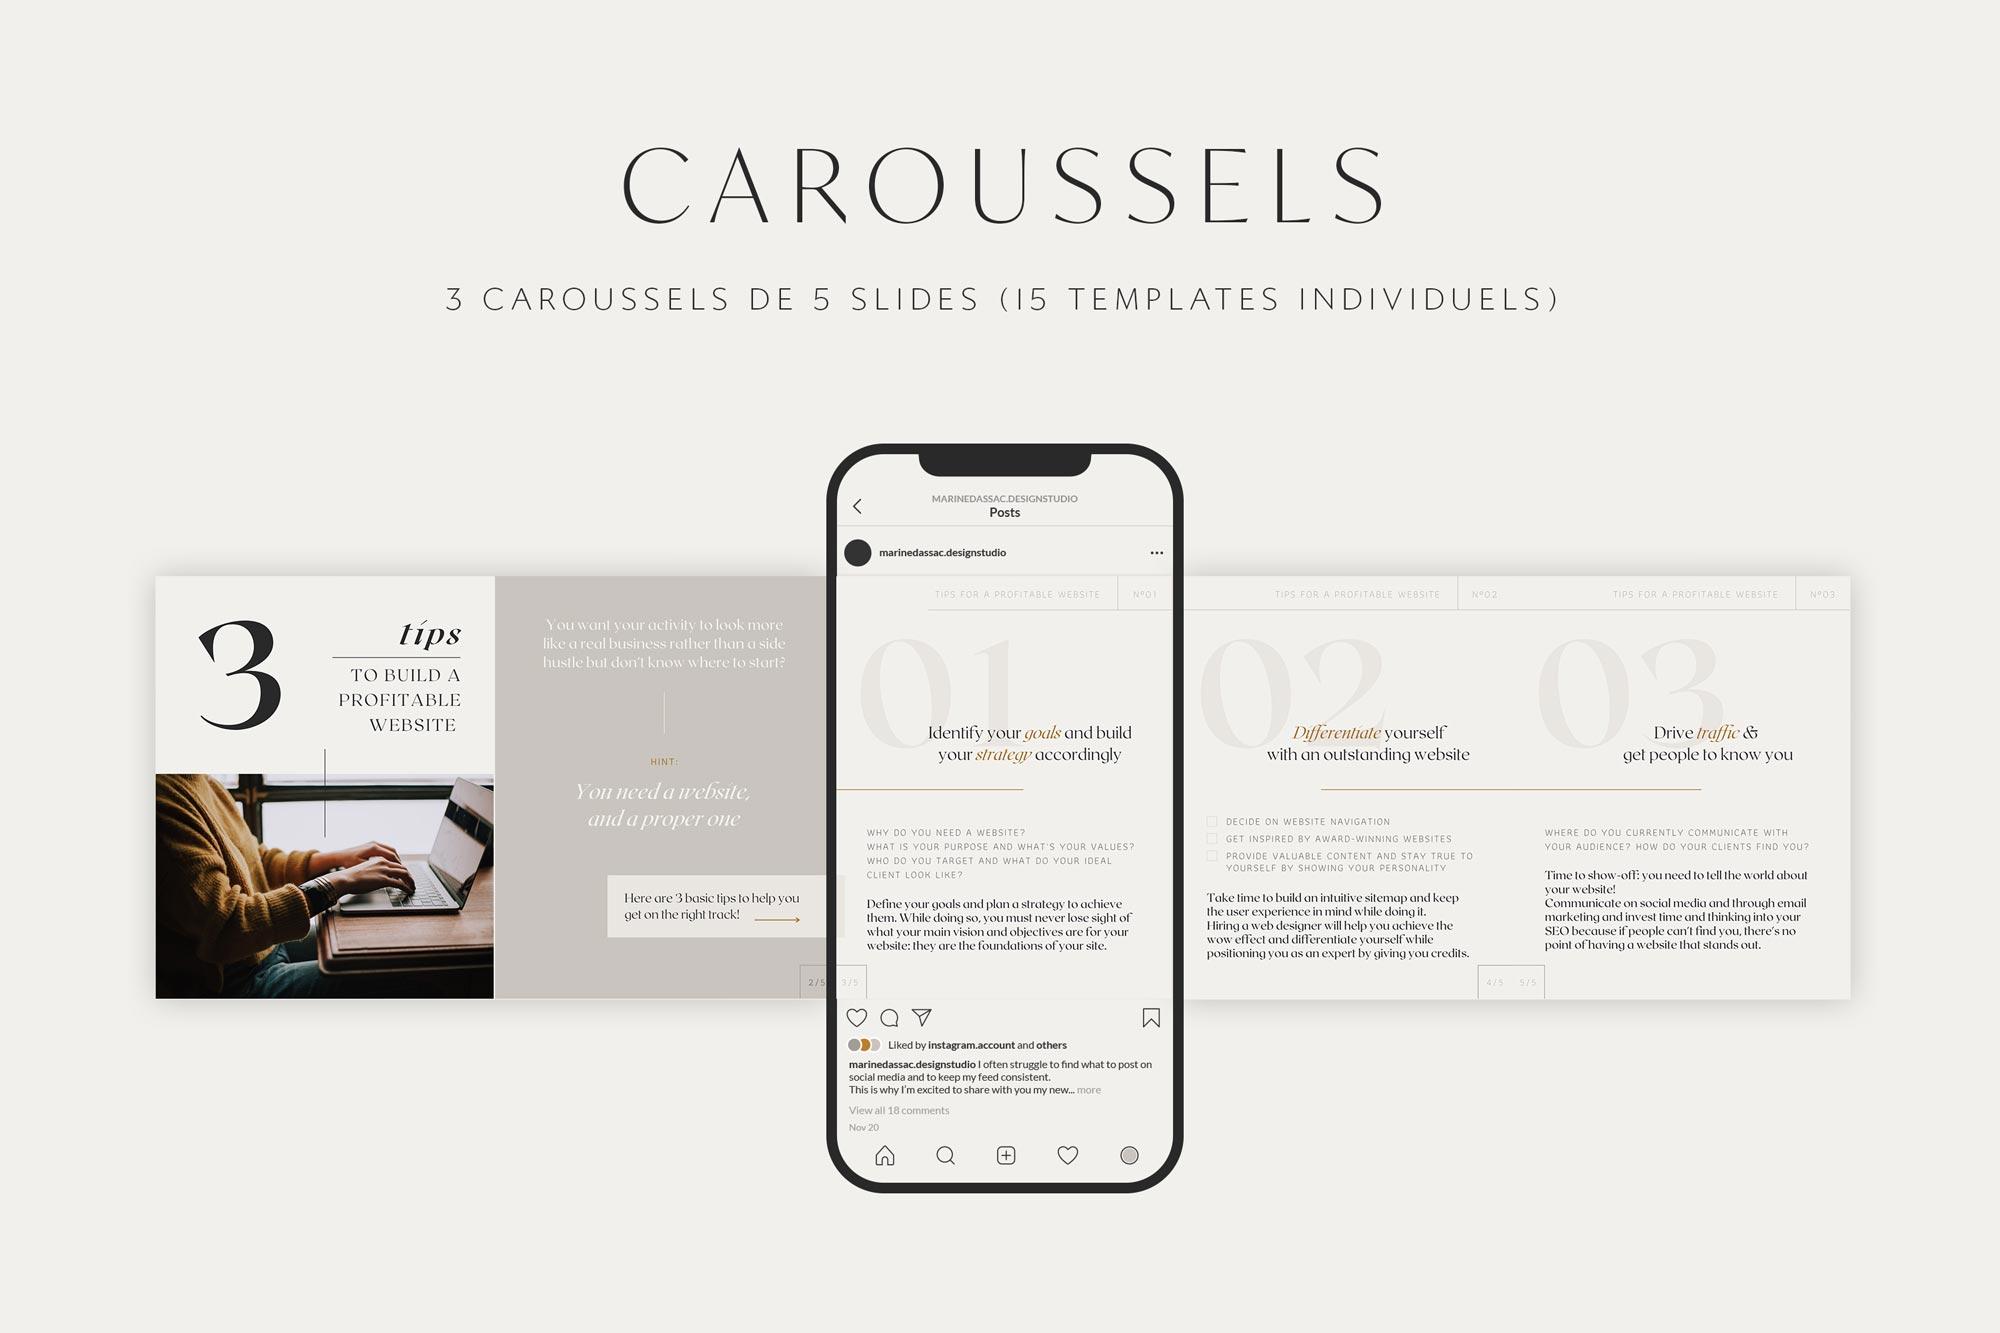 Templates de caroussels Instagram à personnaliser